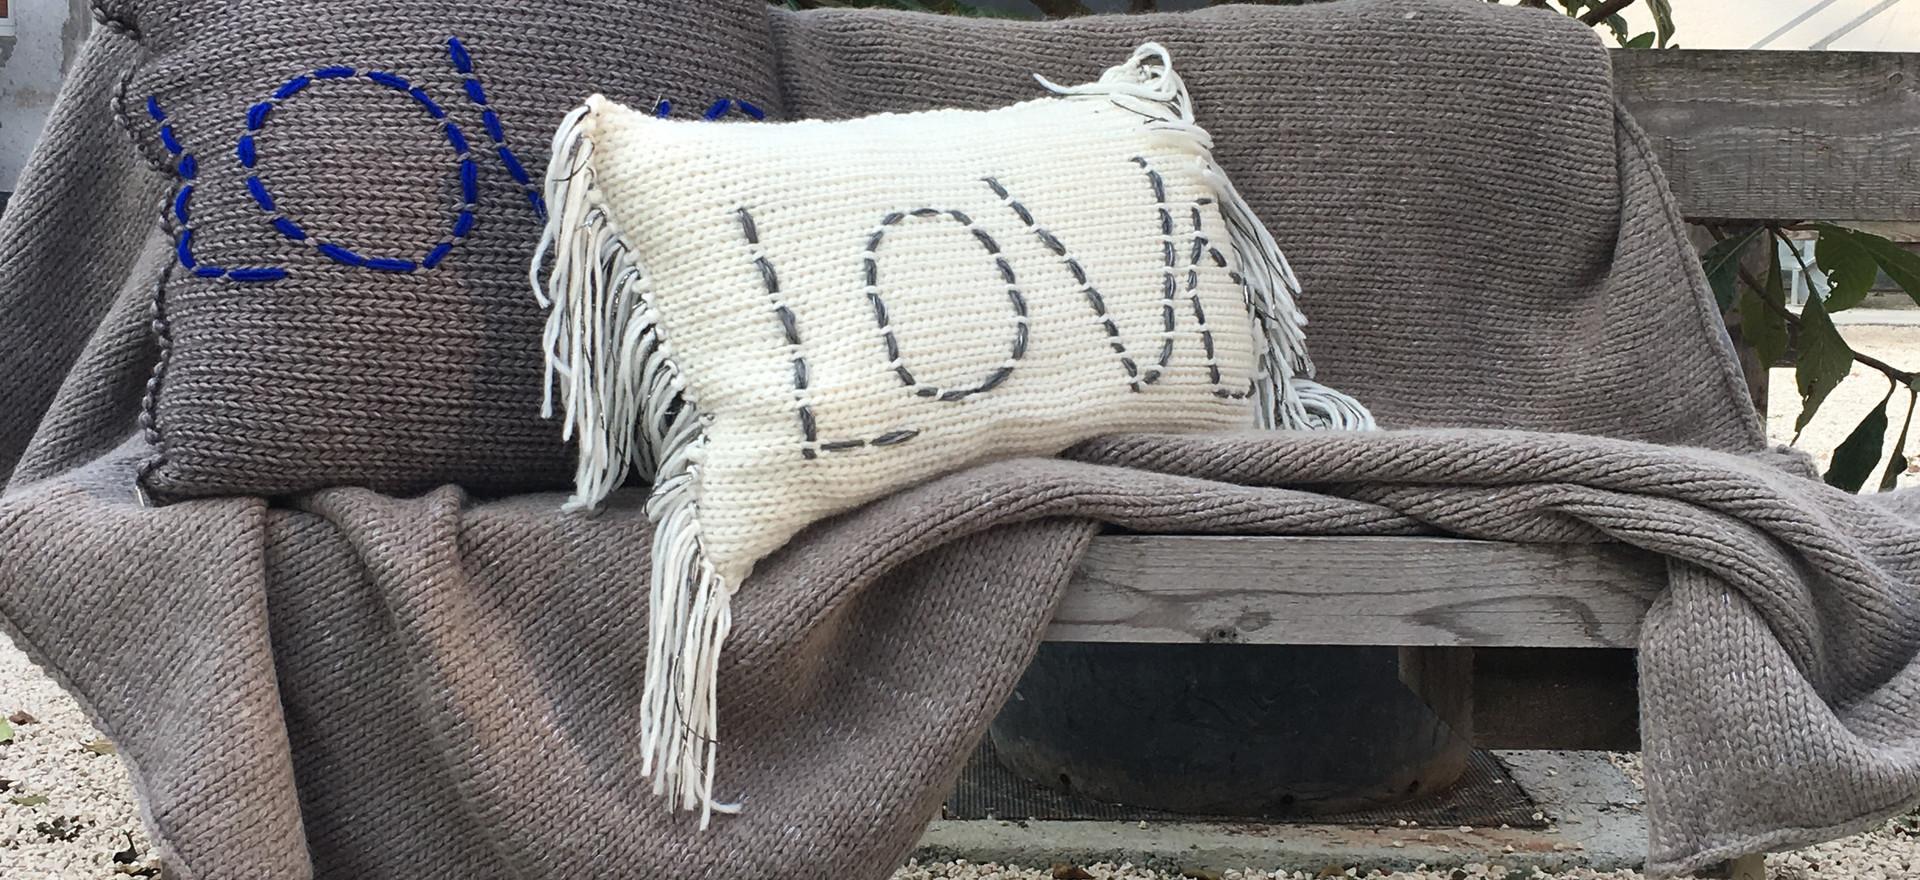 Cuscini e coperta maglia e felpa.Ricamo handmade